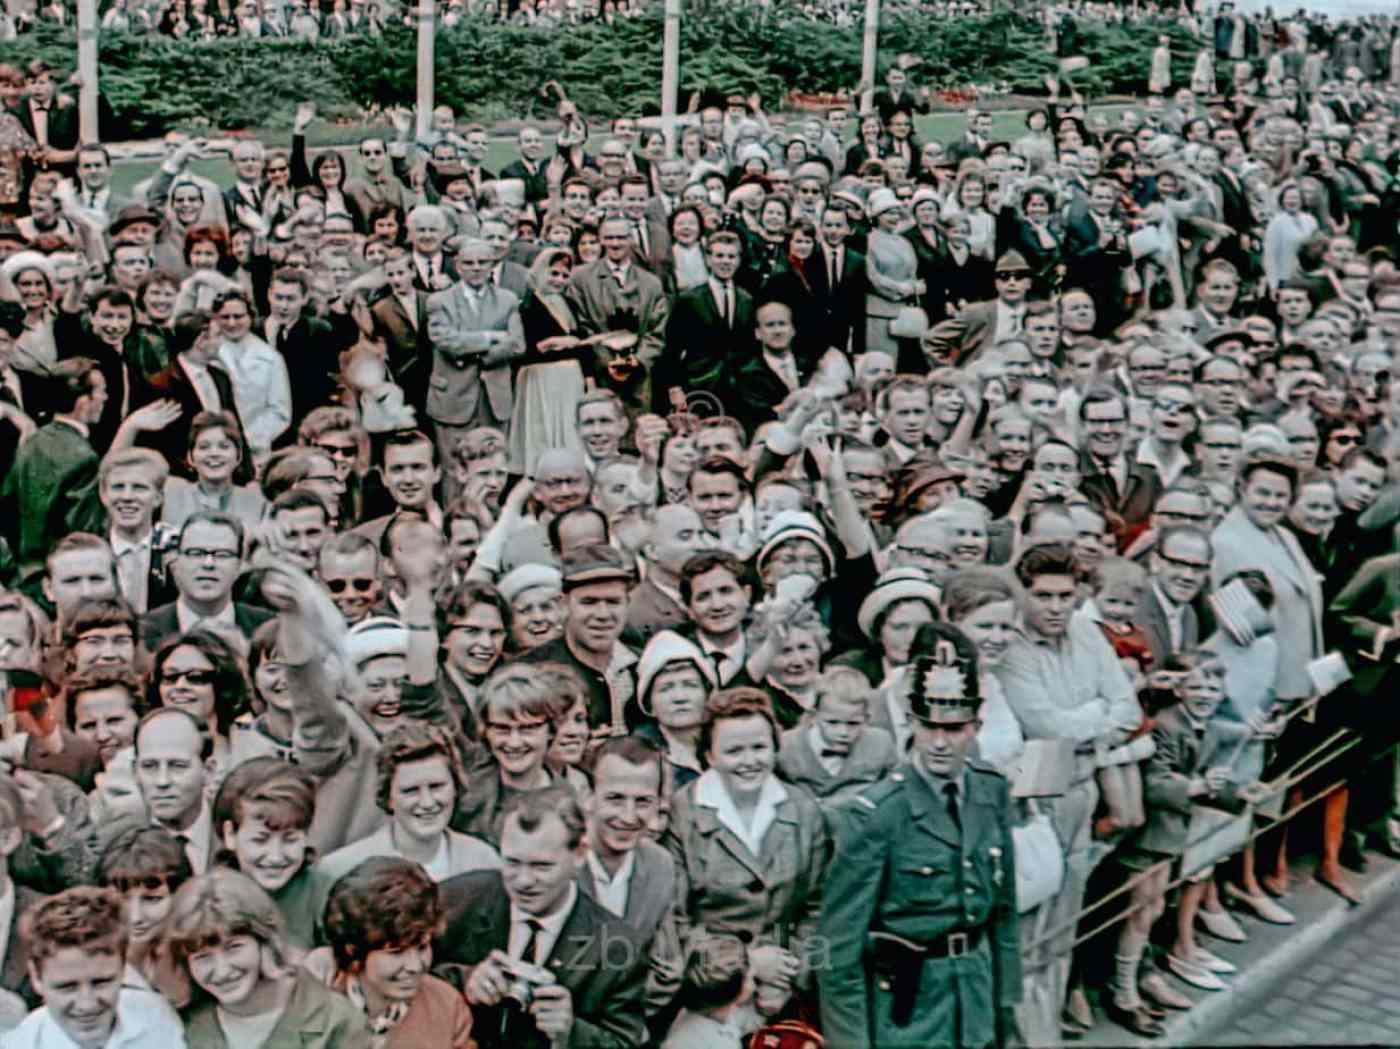 Präsident John F. Kennedy Deutschlandbesuch 1963 - Autocorso